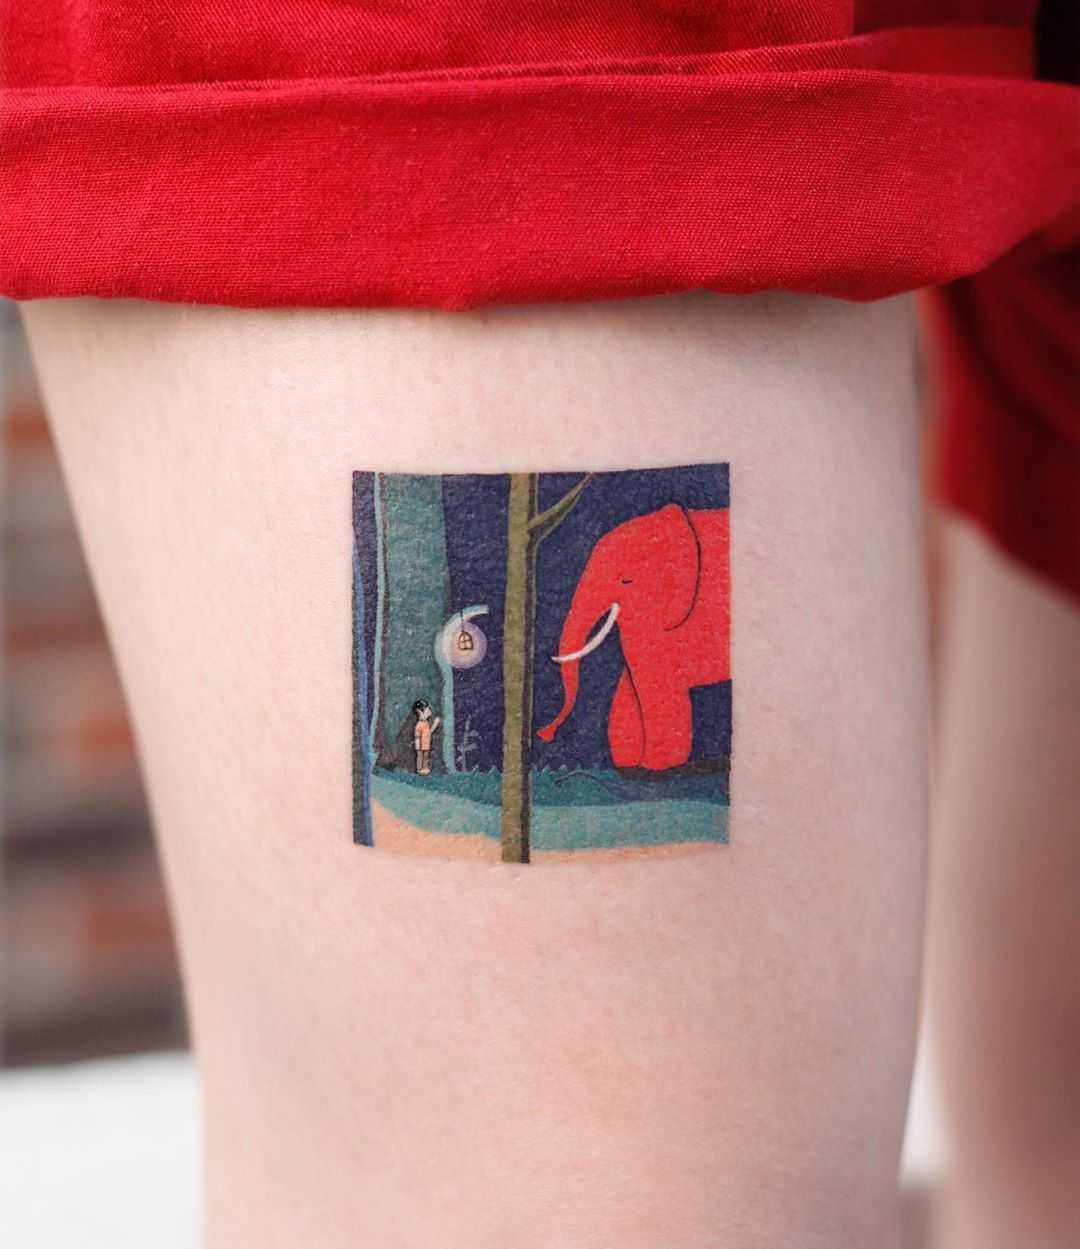 Red elephant by tattooist Saegeem